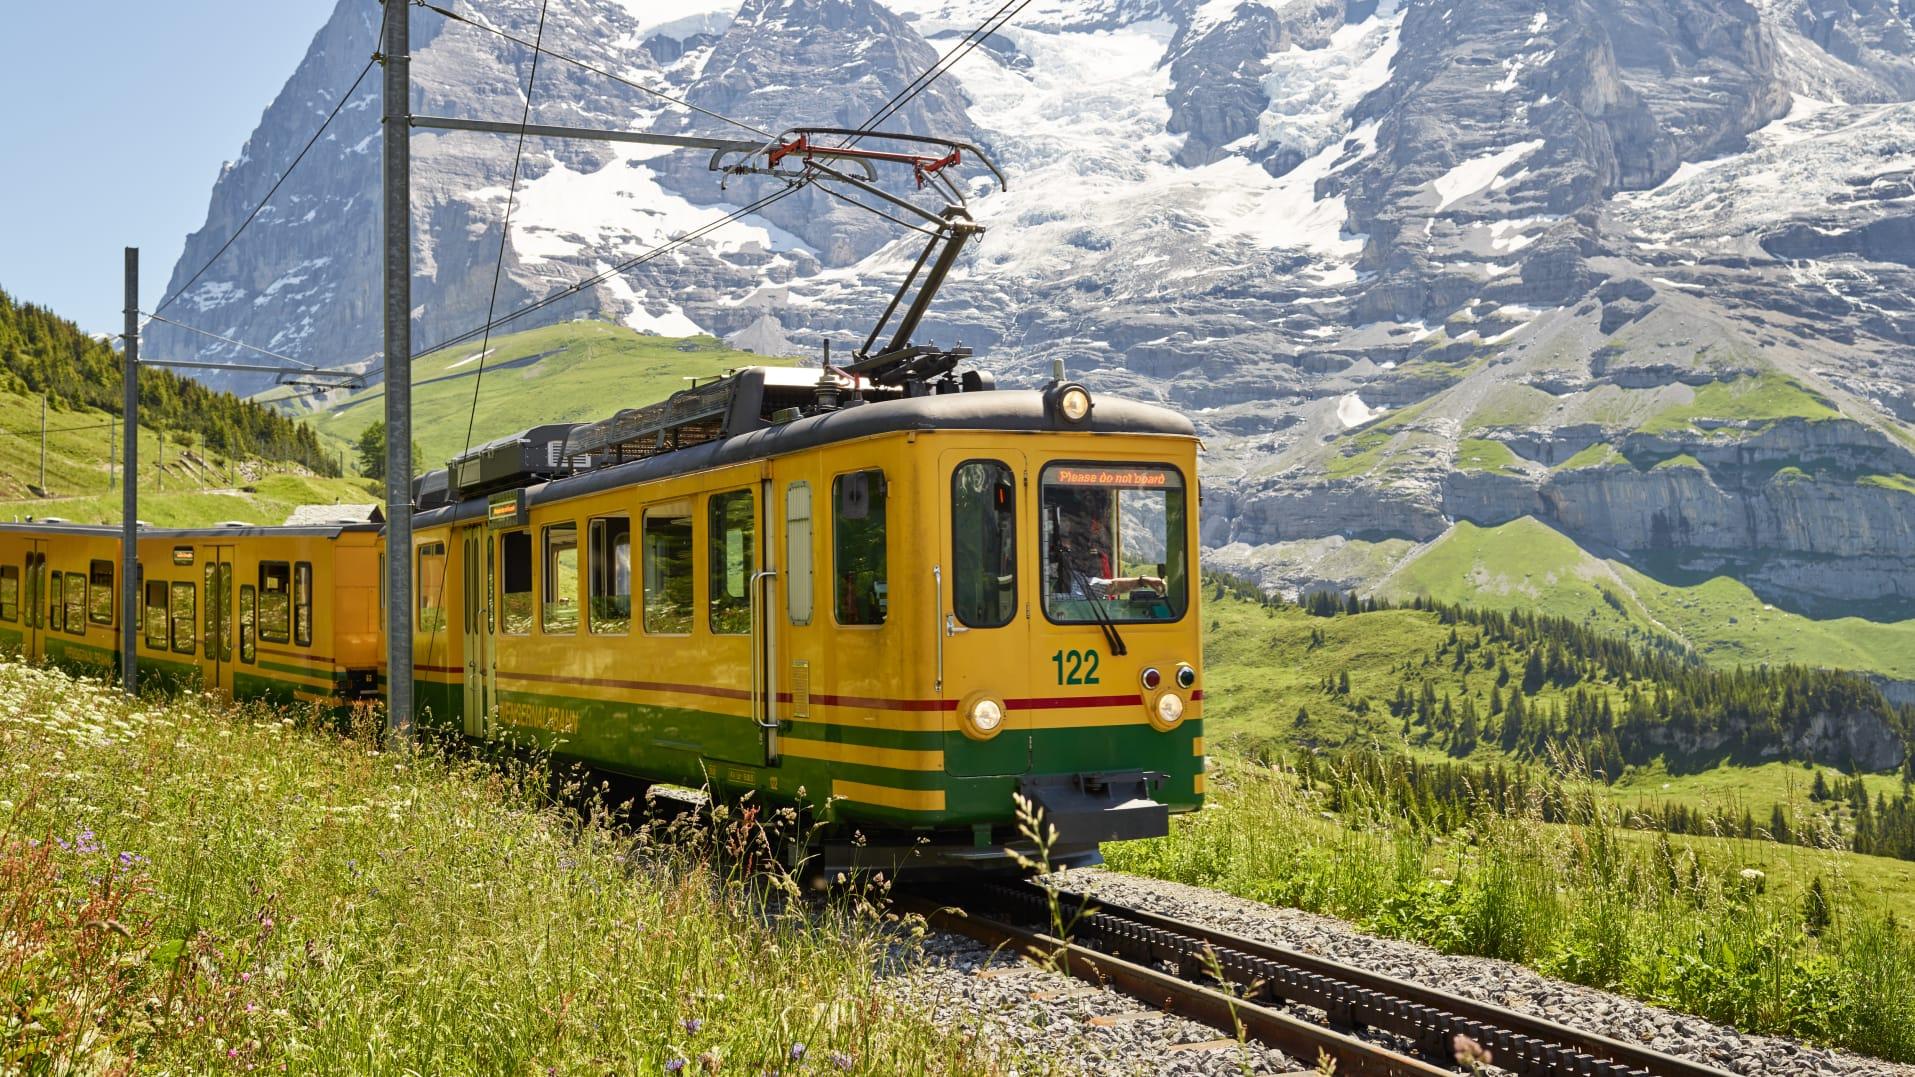 Wengernalpbahn Sommer Eiger Moench Kleine Scheidegg